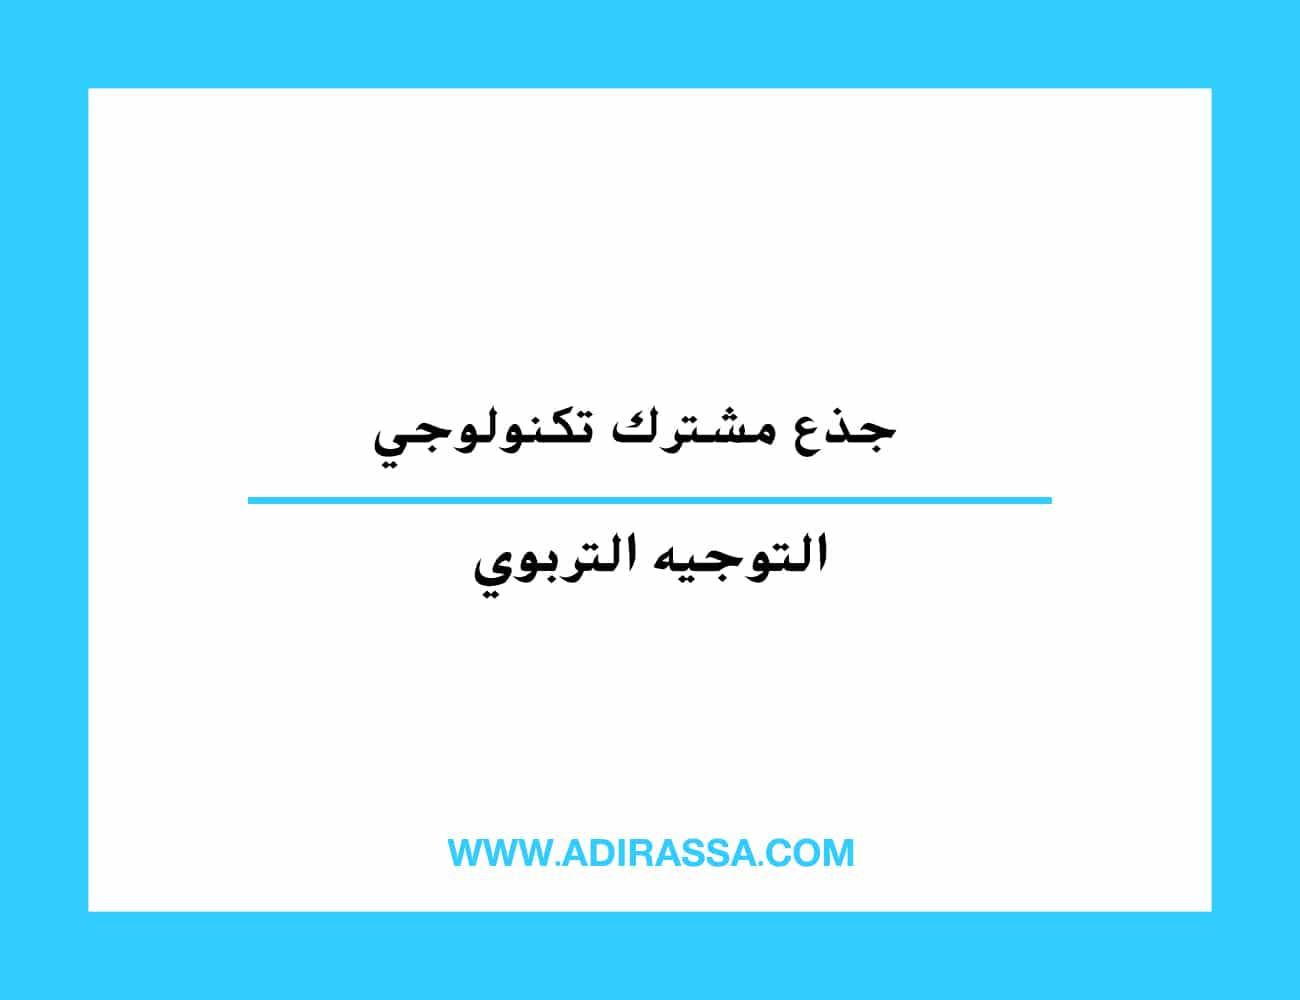 جذع مشترك تكنولوجي بالتعليم الثانوي التأهيلي المغربي